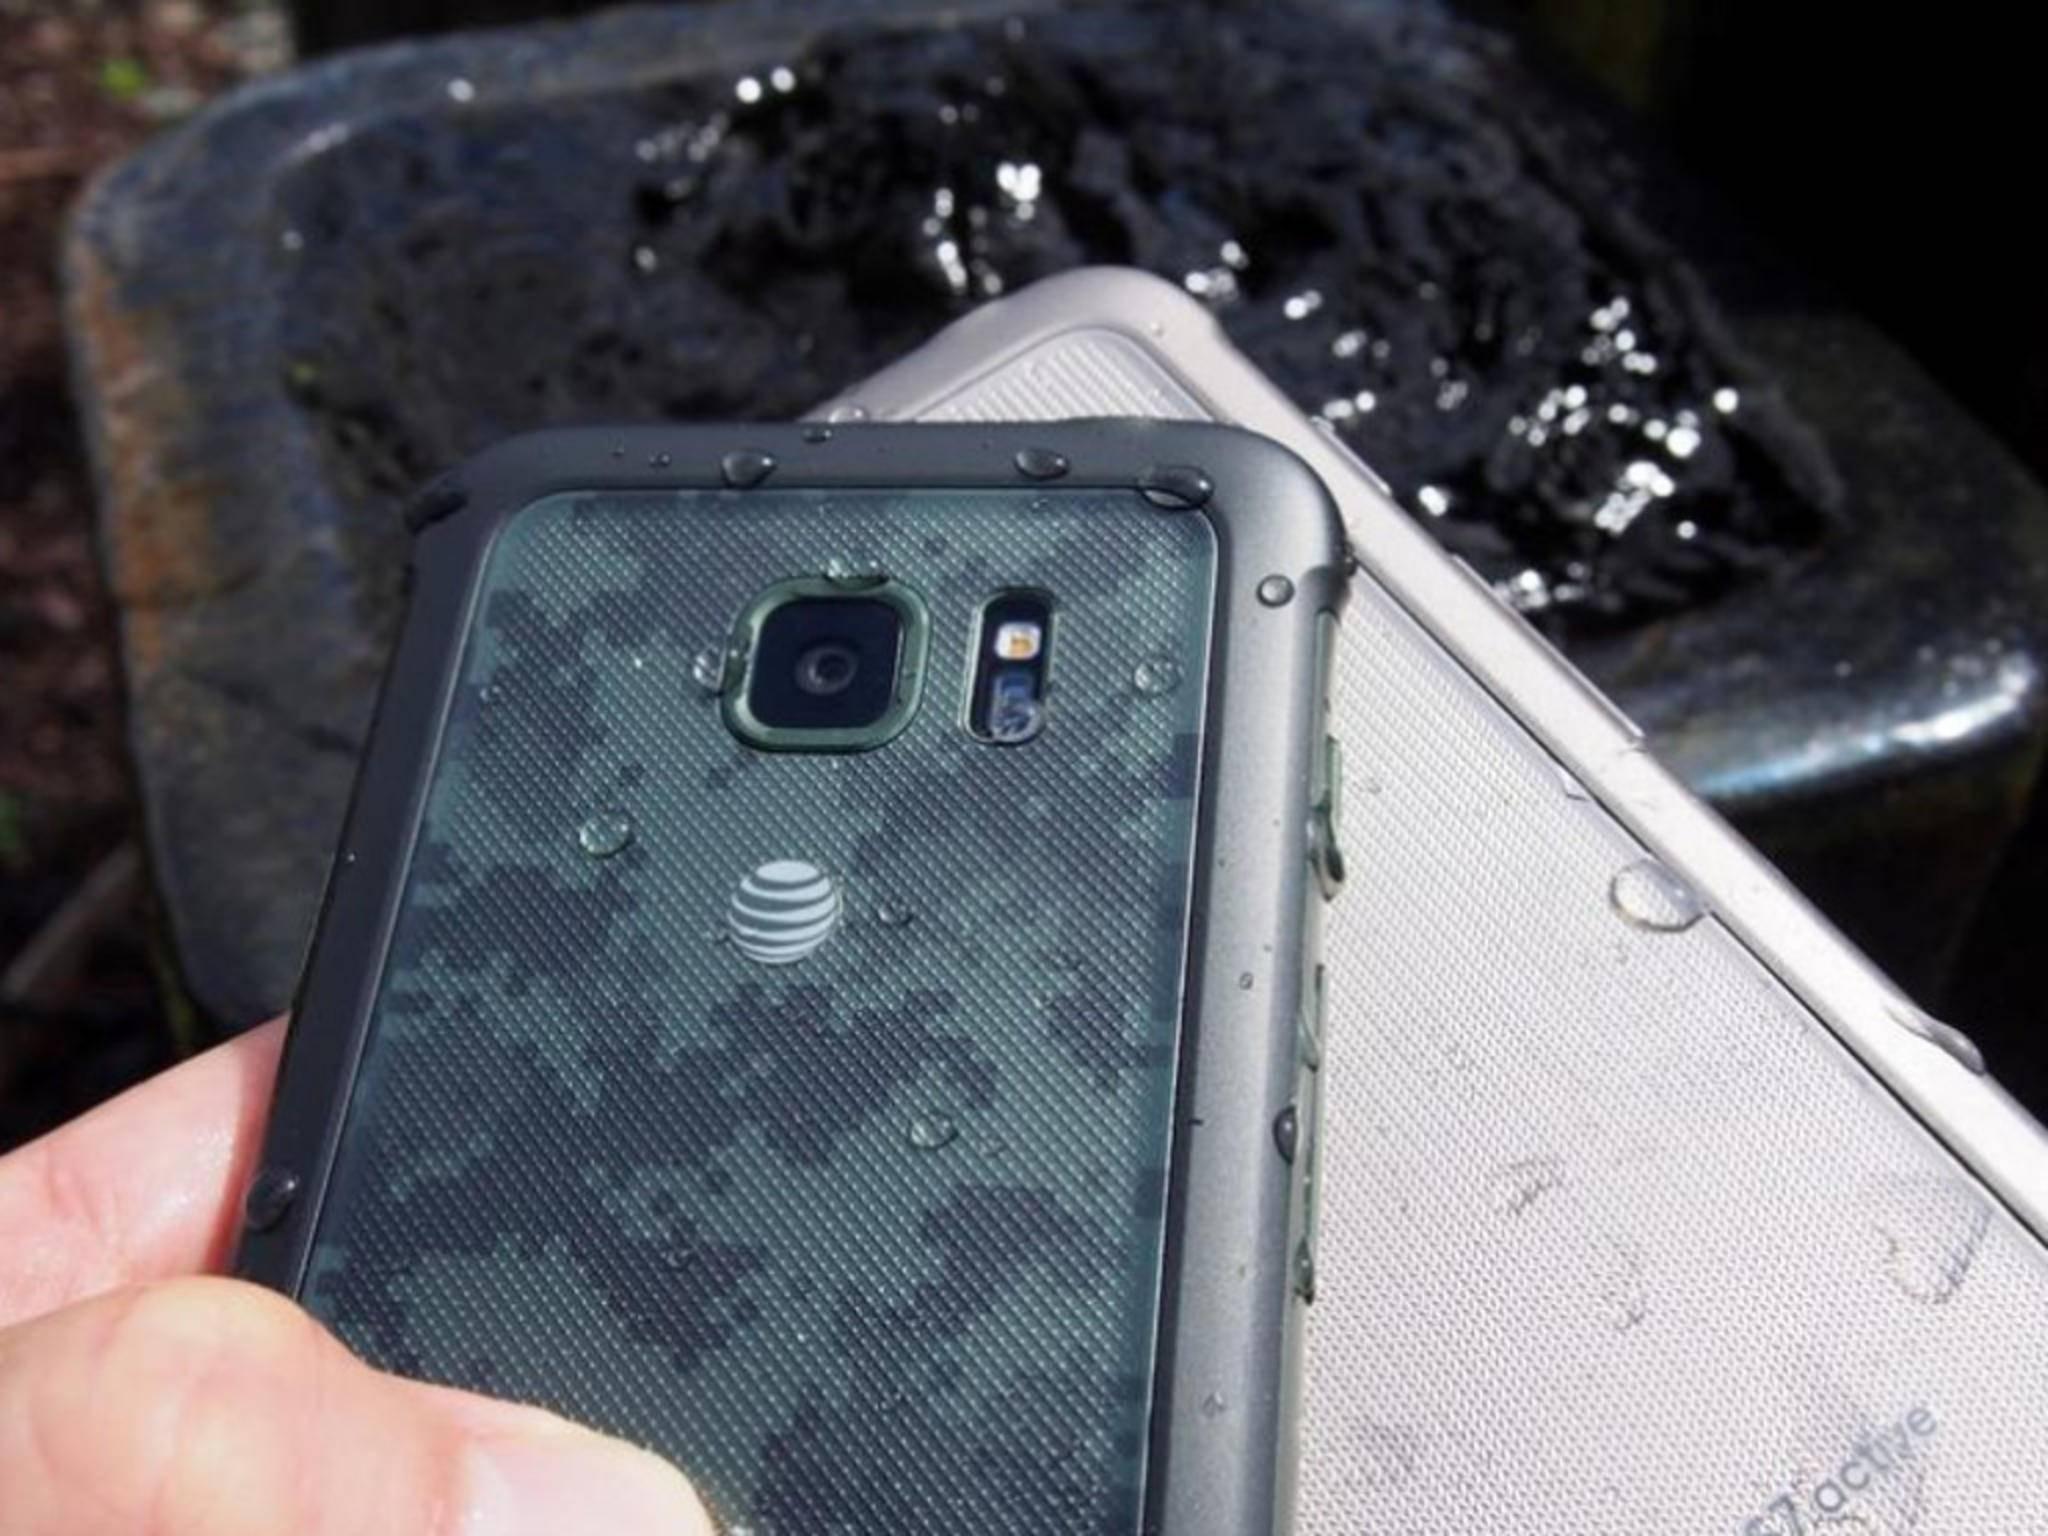 Outdoor-Handy mit Schwächen: das Galaxy S7 Active.